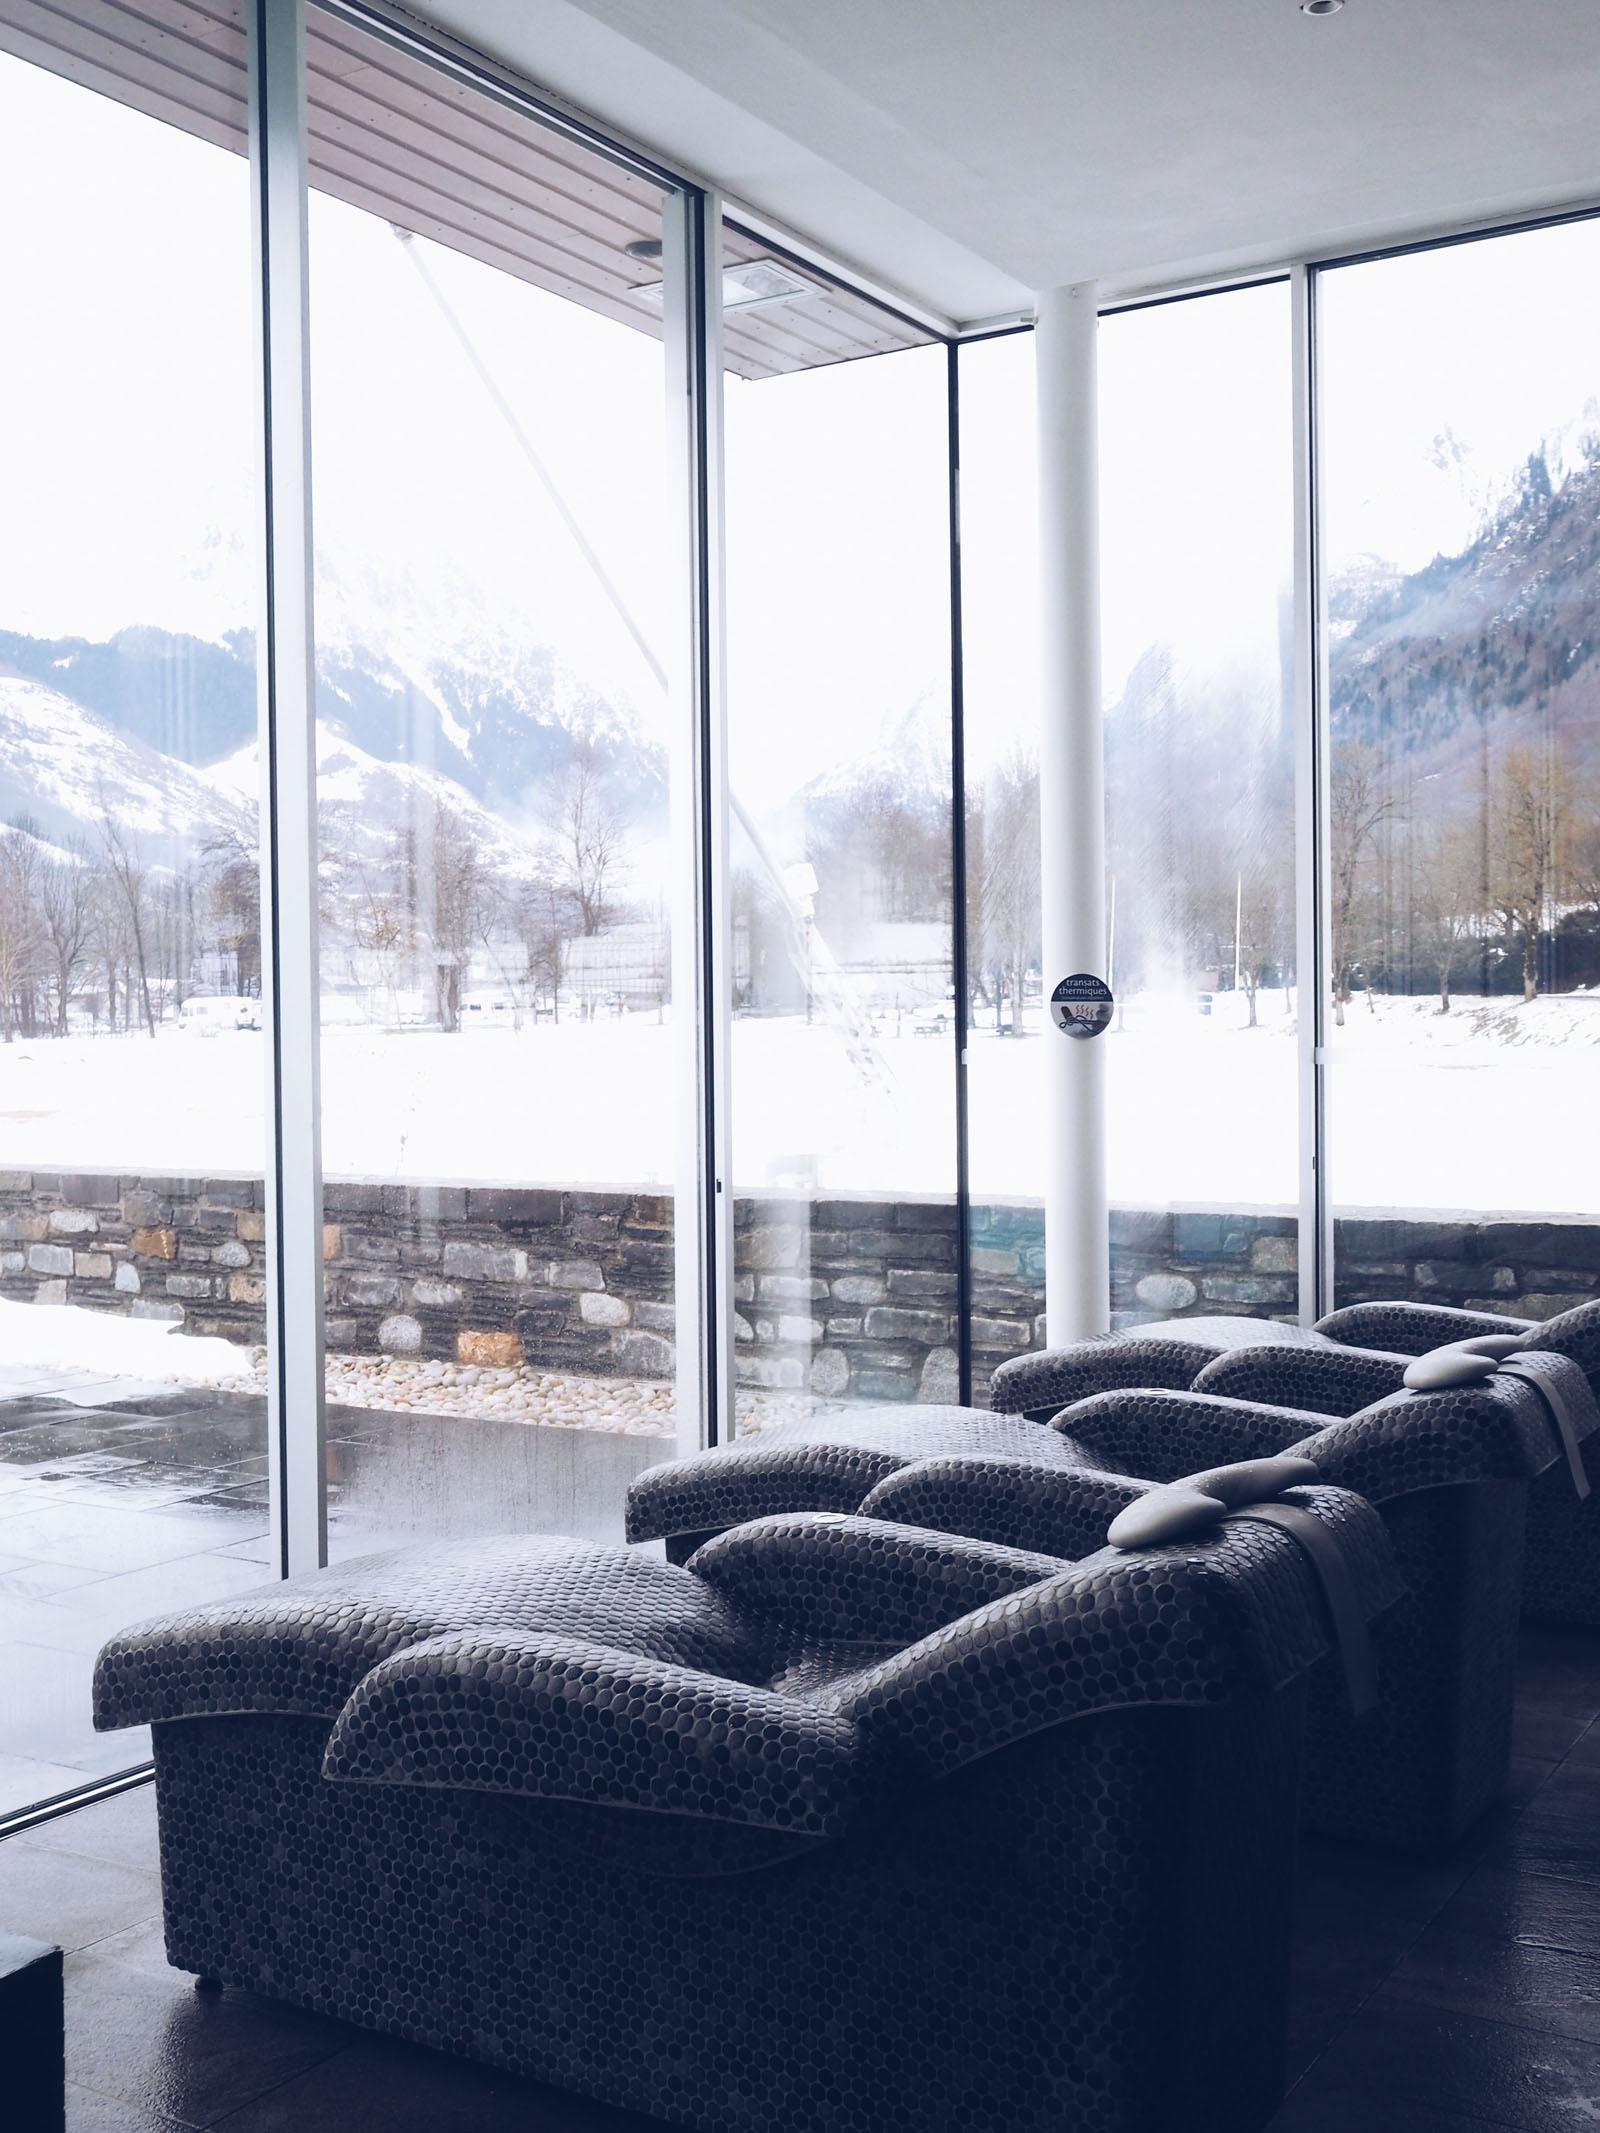 Vacances au ski en famille Hautes Pyrenees bonnes adresses hotel station l La Fiancee du Panda blog mariage et lifestyle-1028140